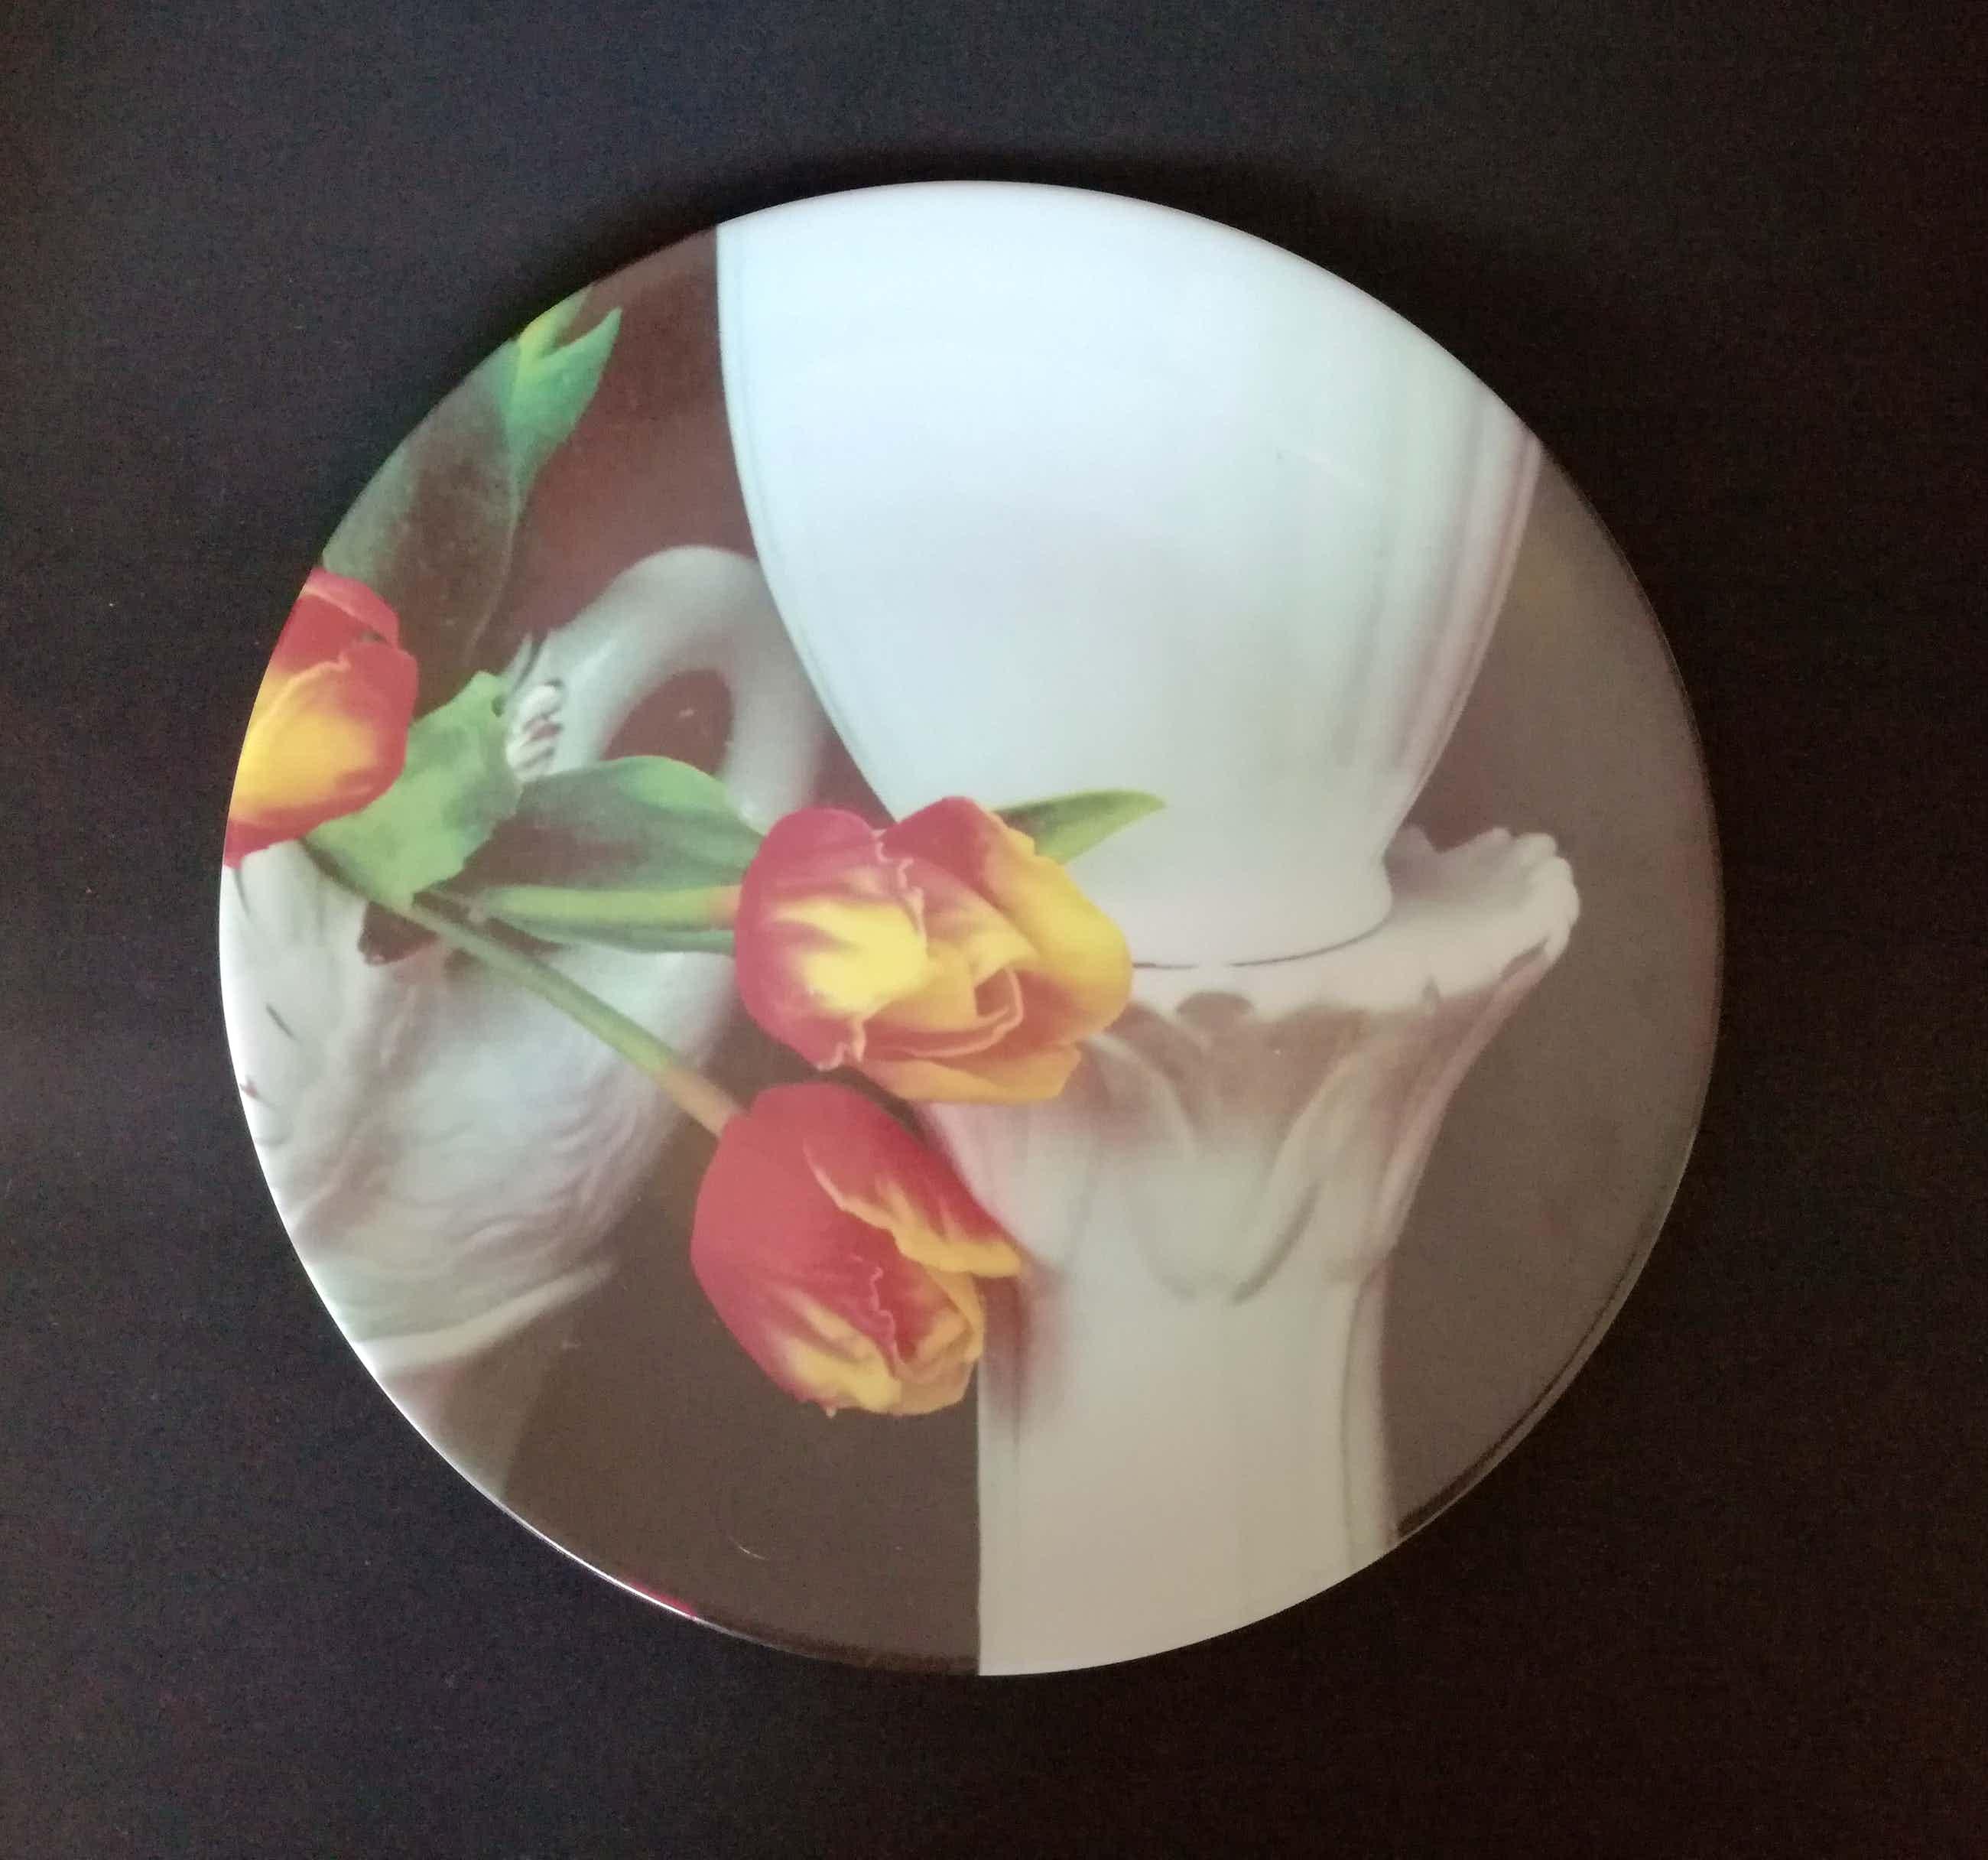 Geer Pouls - Hollandse Taferelen, drieluik van in kleur gedrukte borden - gelimiteerde oplage kopen? Bied vanaf 50!